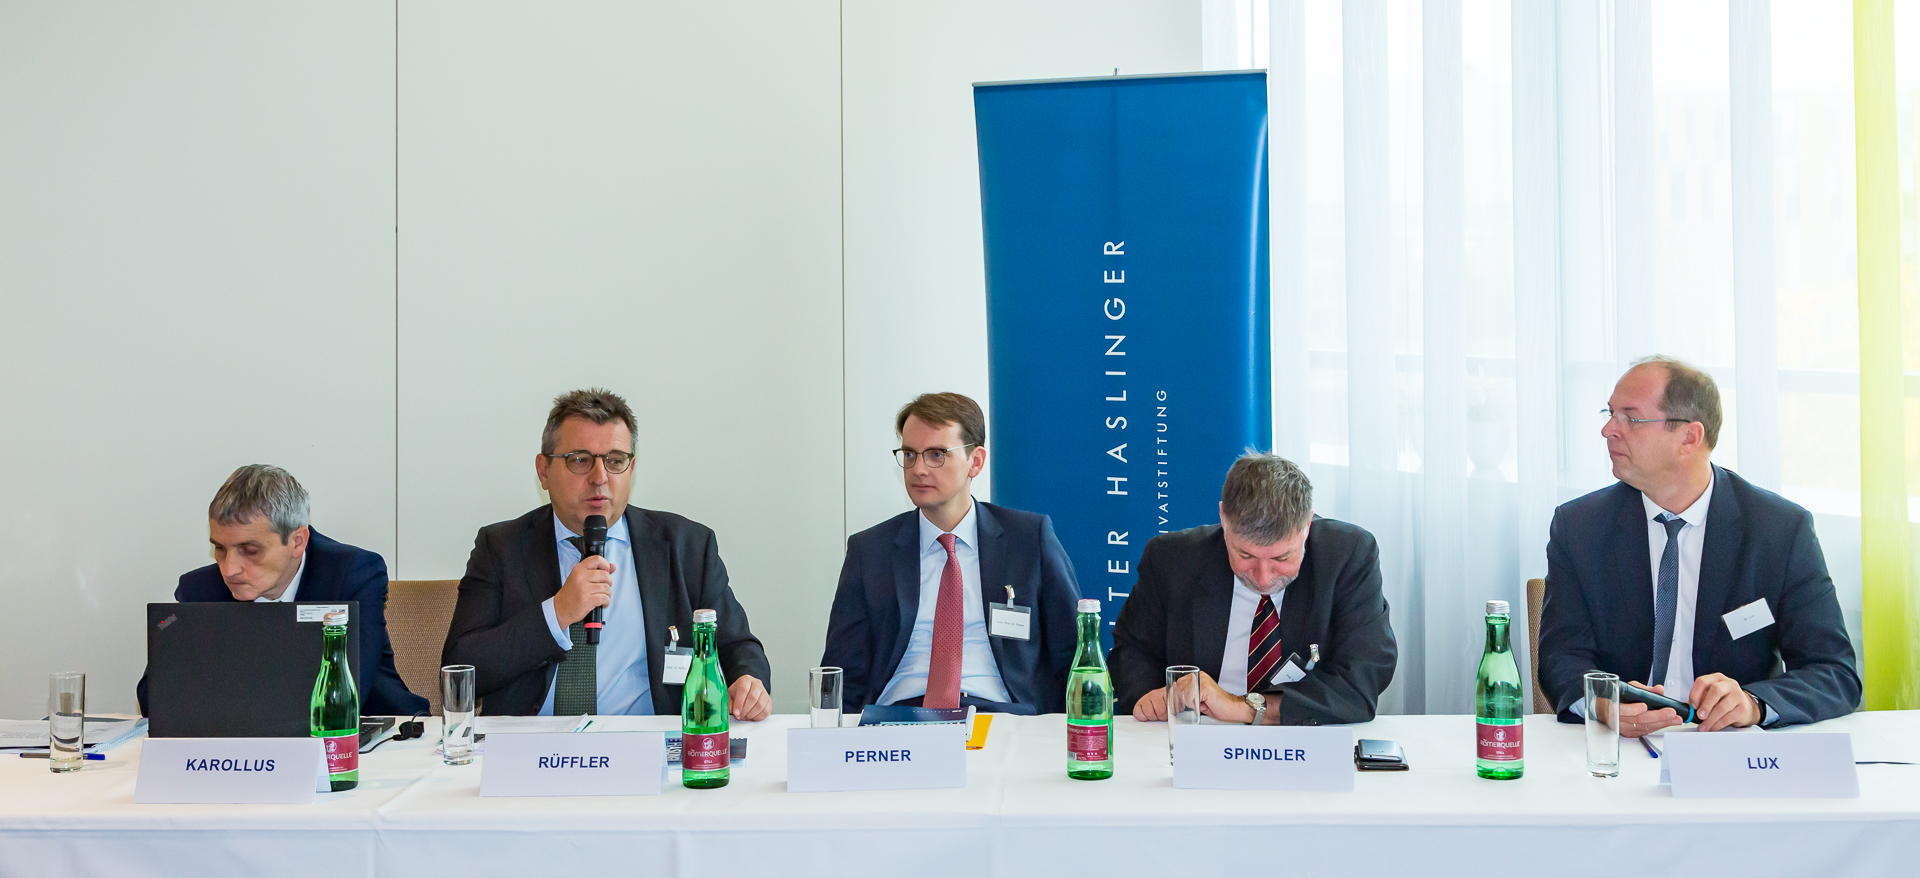 Die Professoren Karolas, Rüffel, Perner, Spindler und Partner Dr. Lux am Podium.